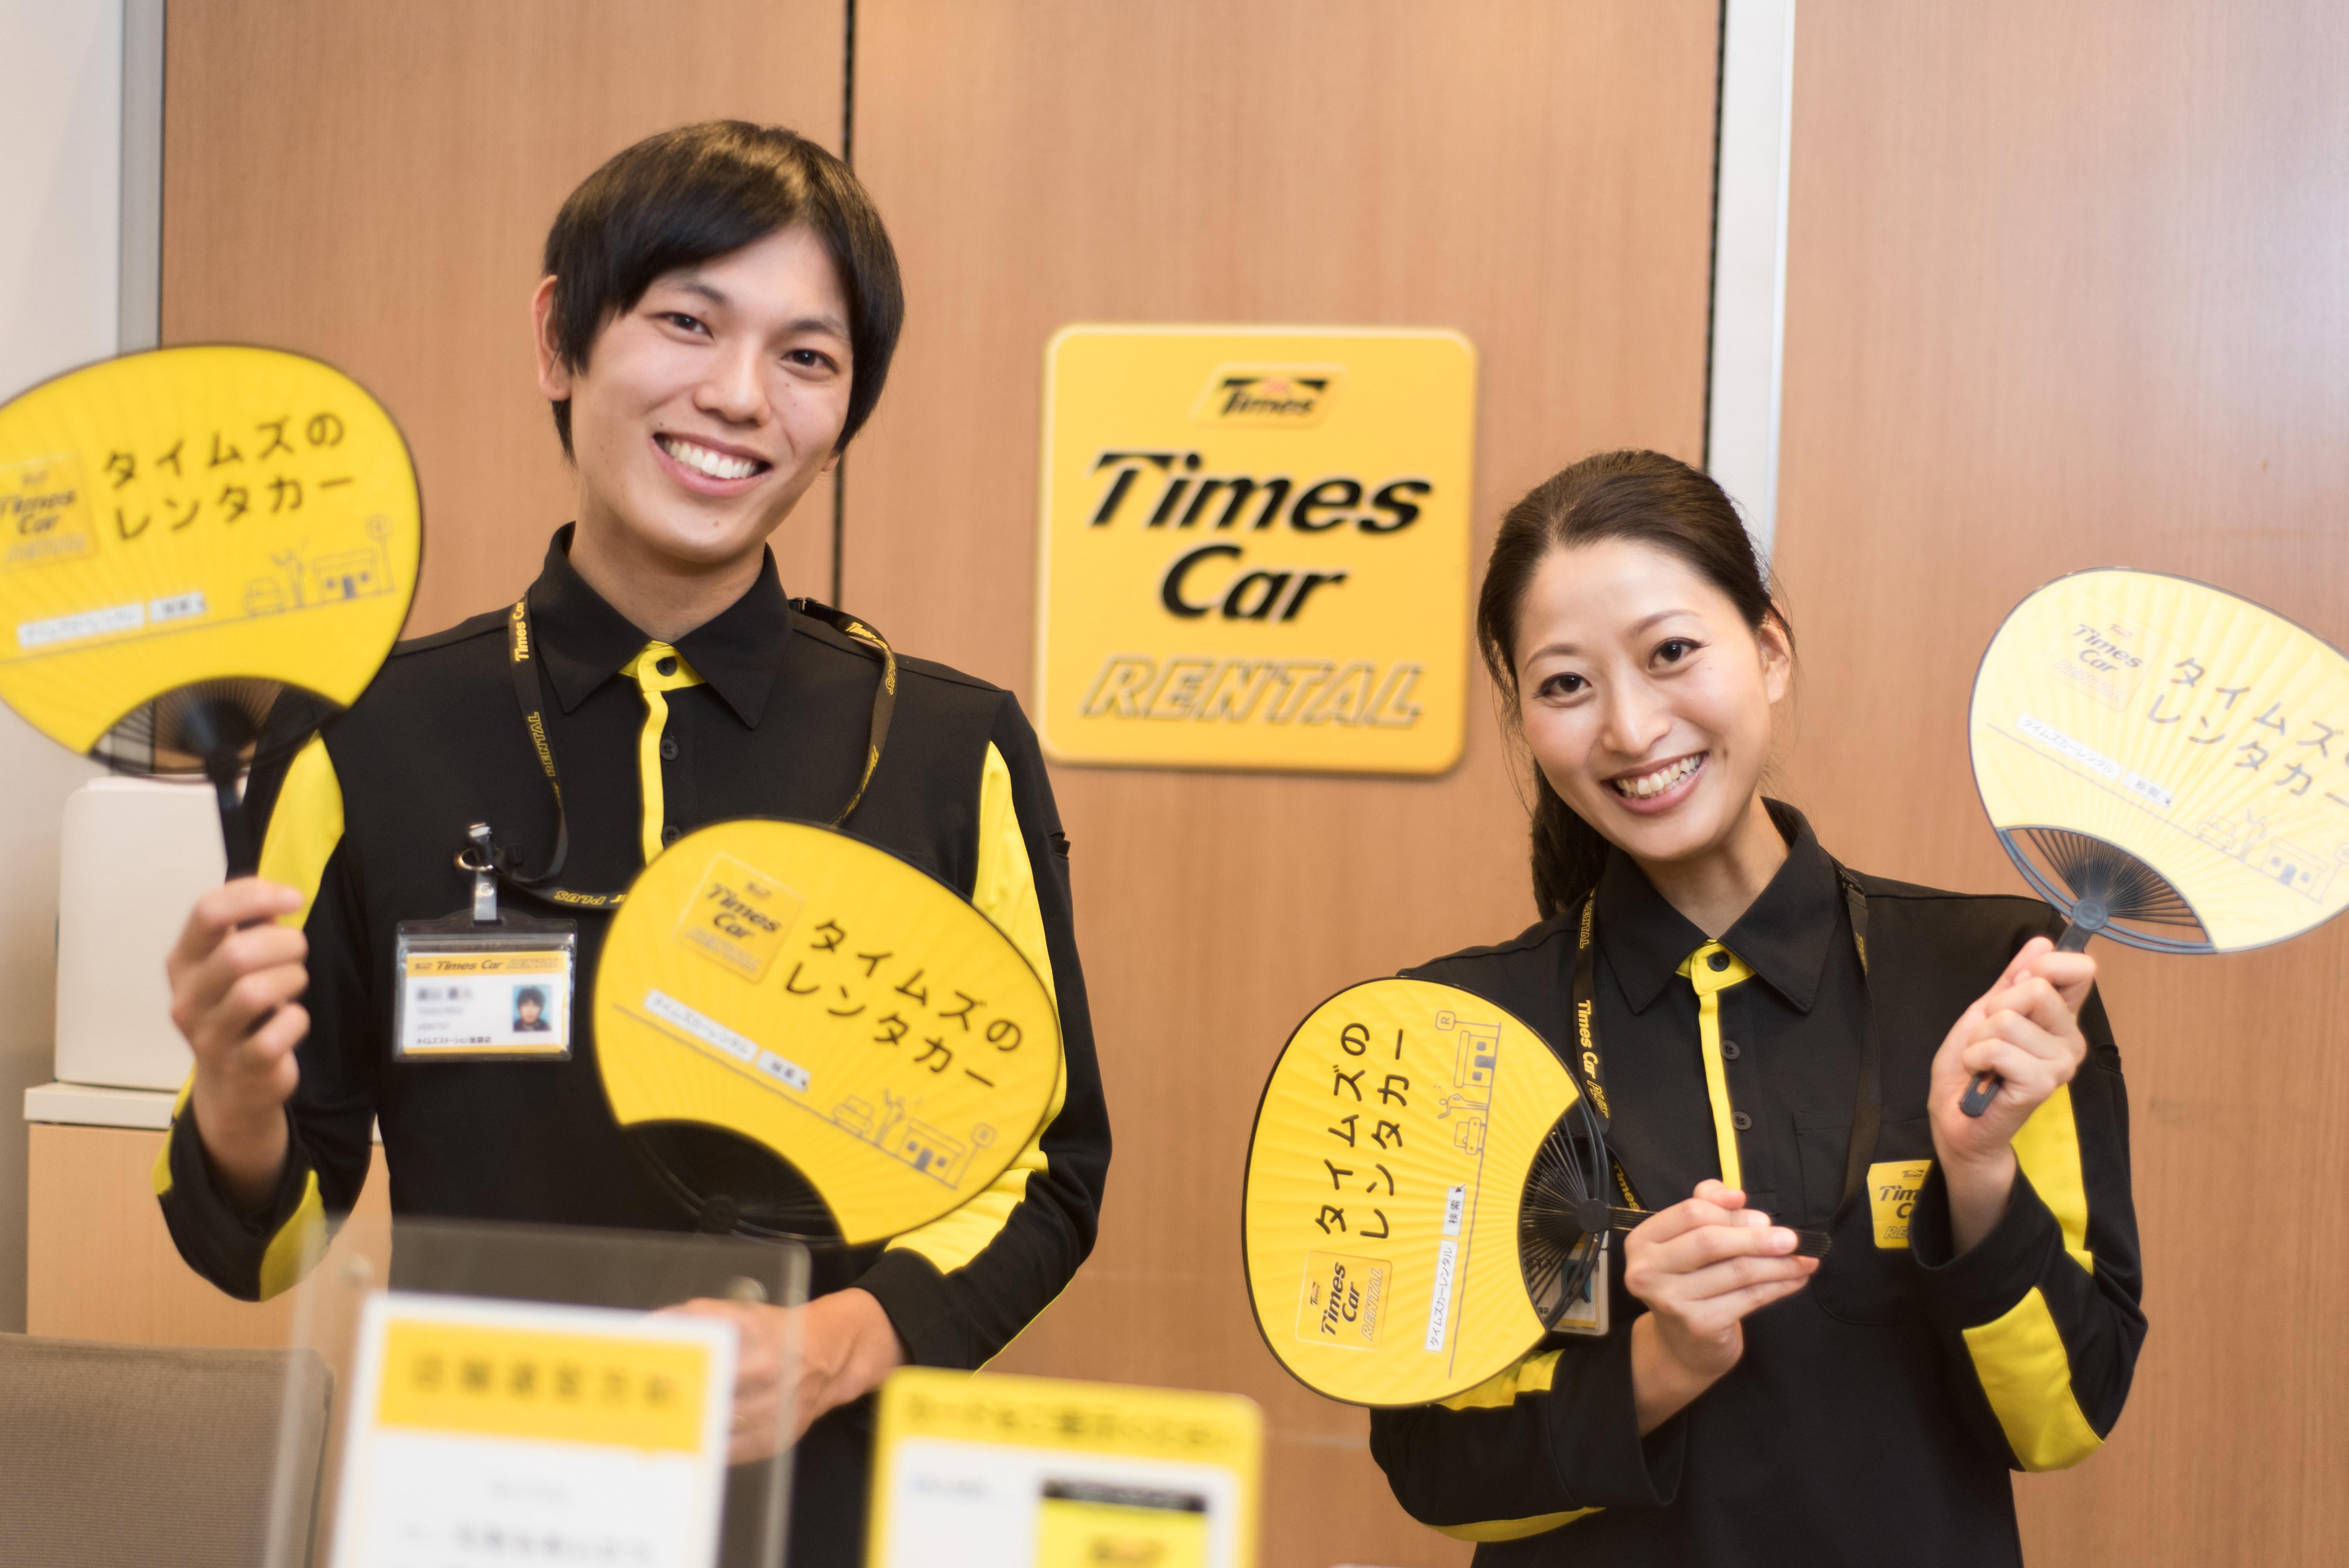 タイムズカーレンタル 奄美空港店 店外業務スタッフのアルバイト情報